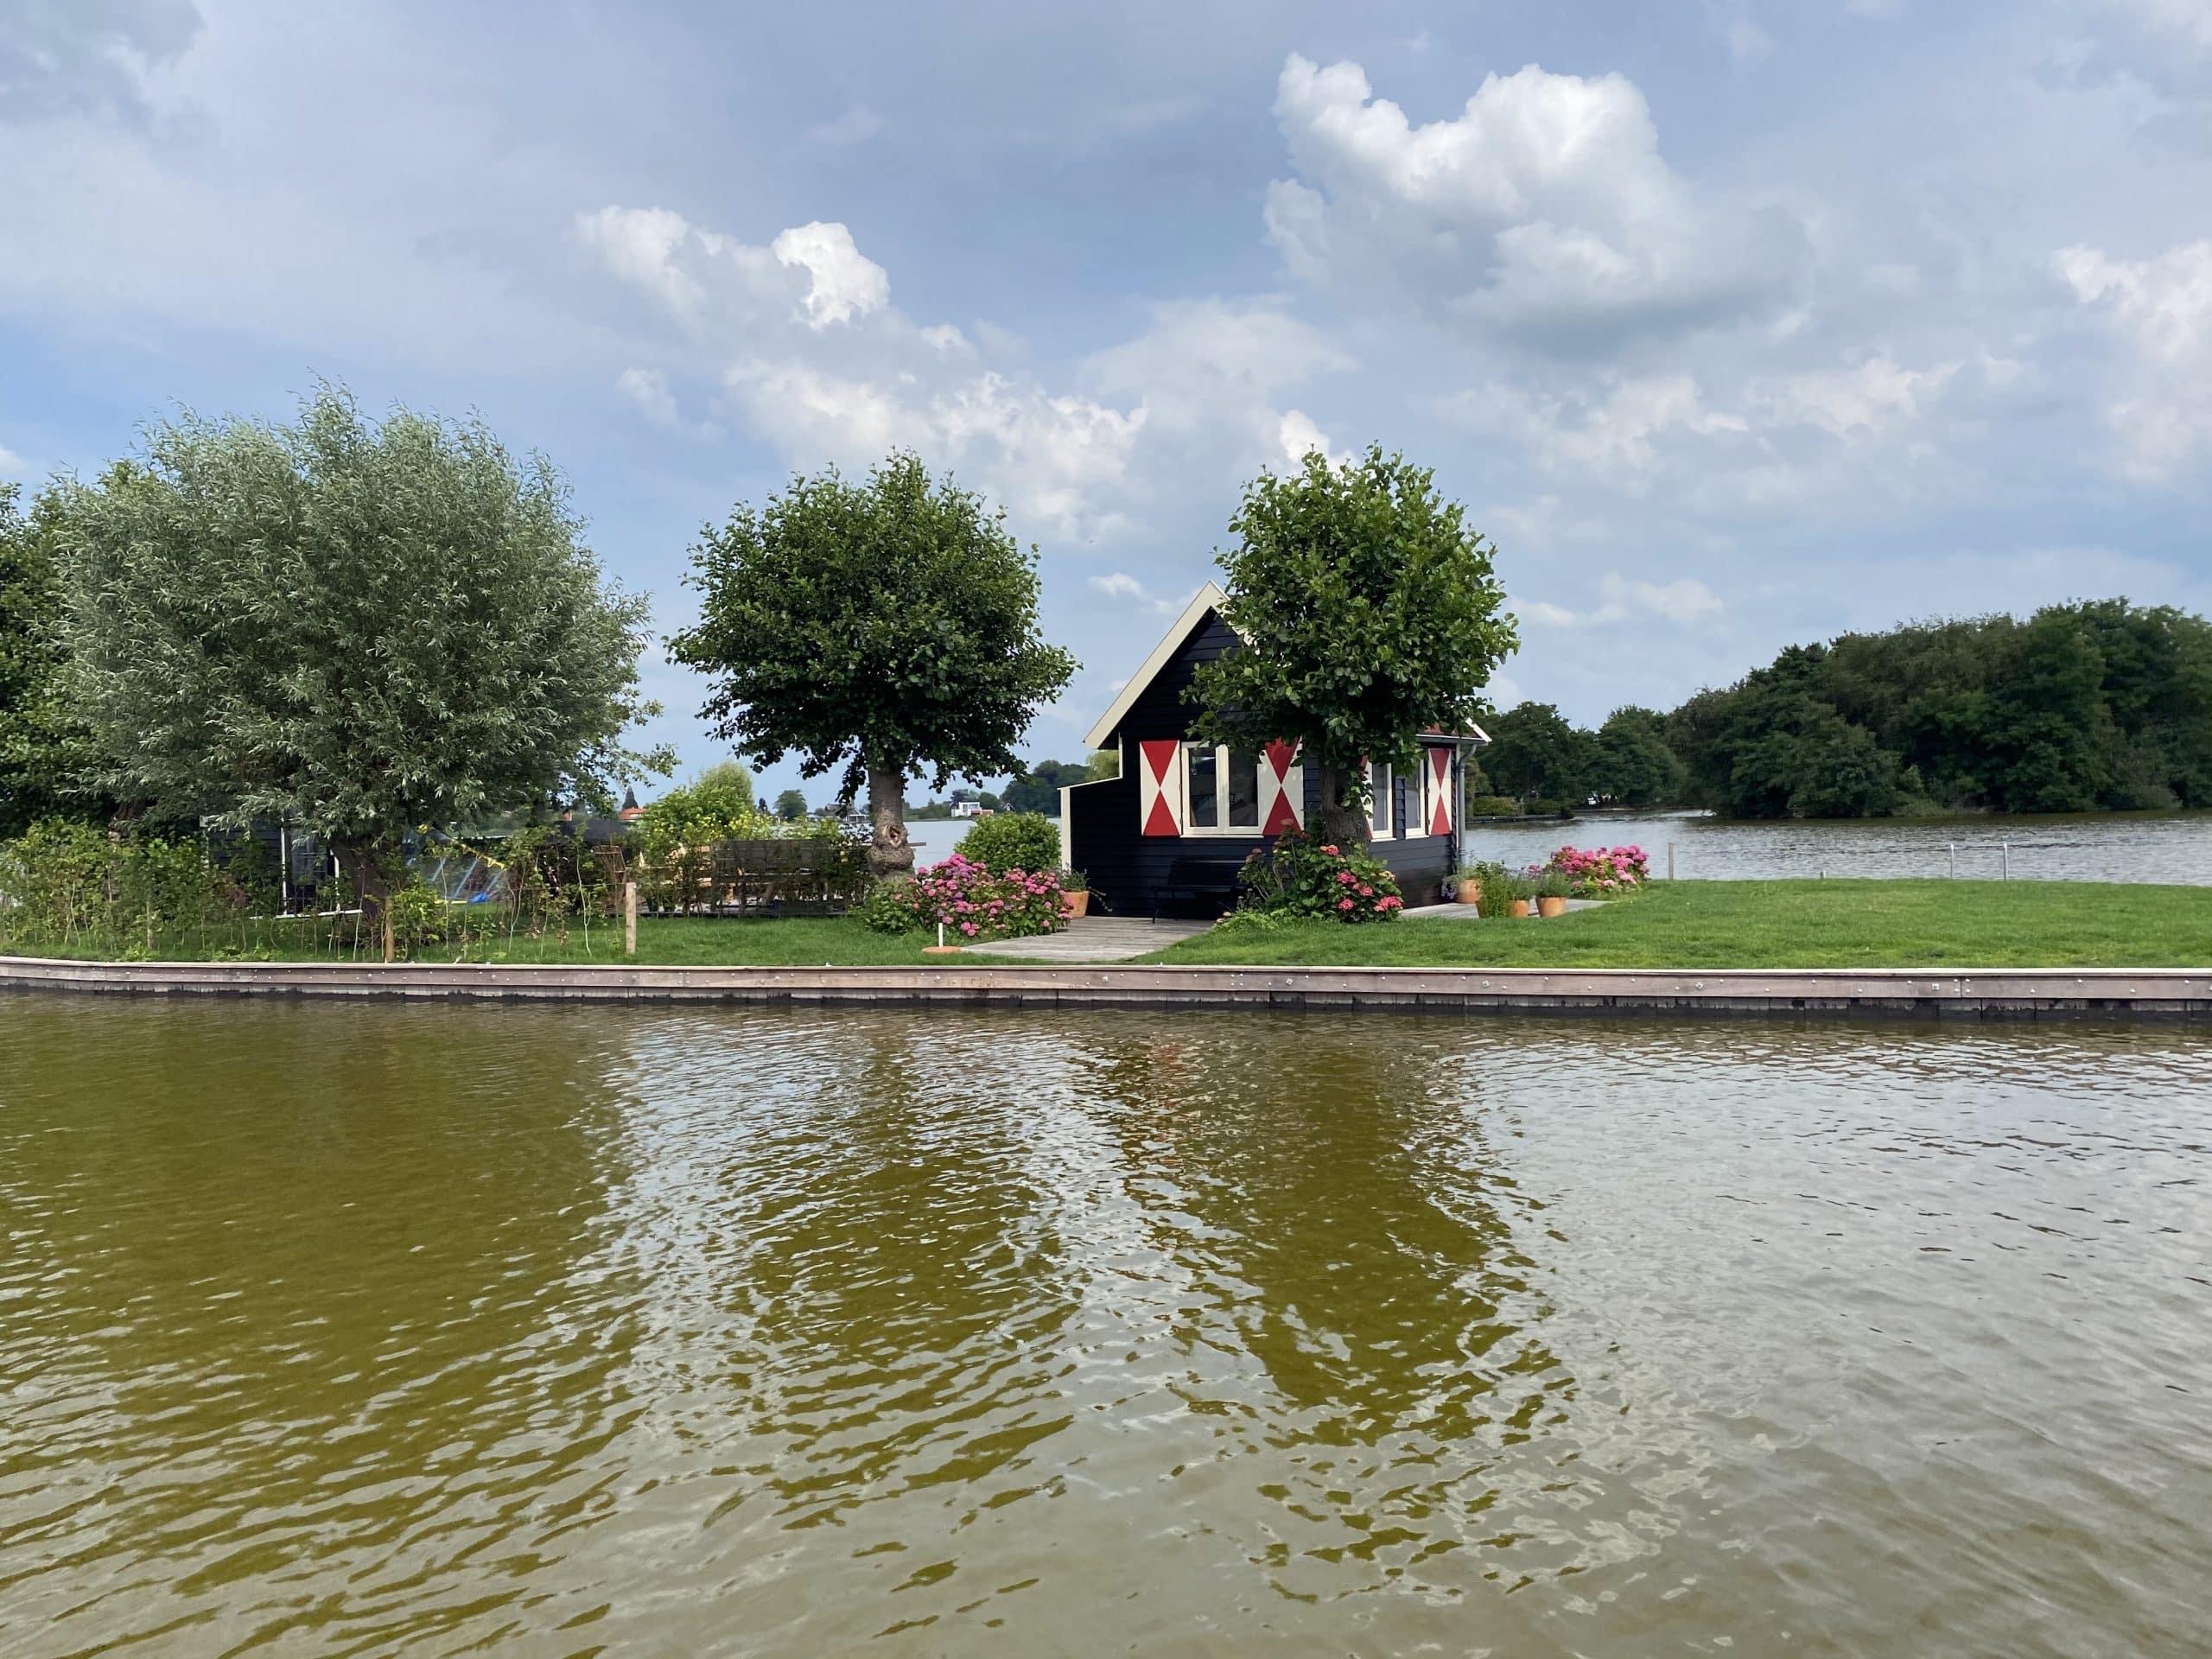 vergadereiland in Reeuwijkse plassen